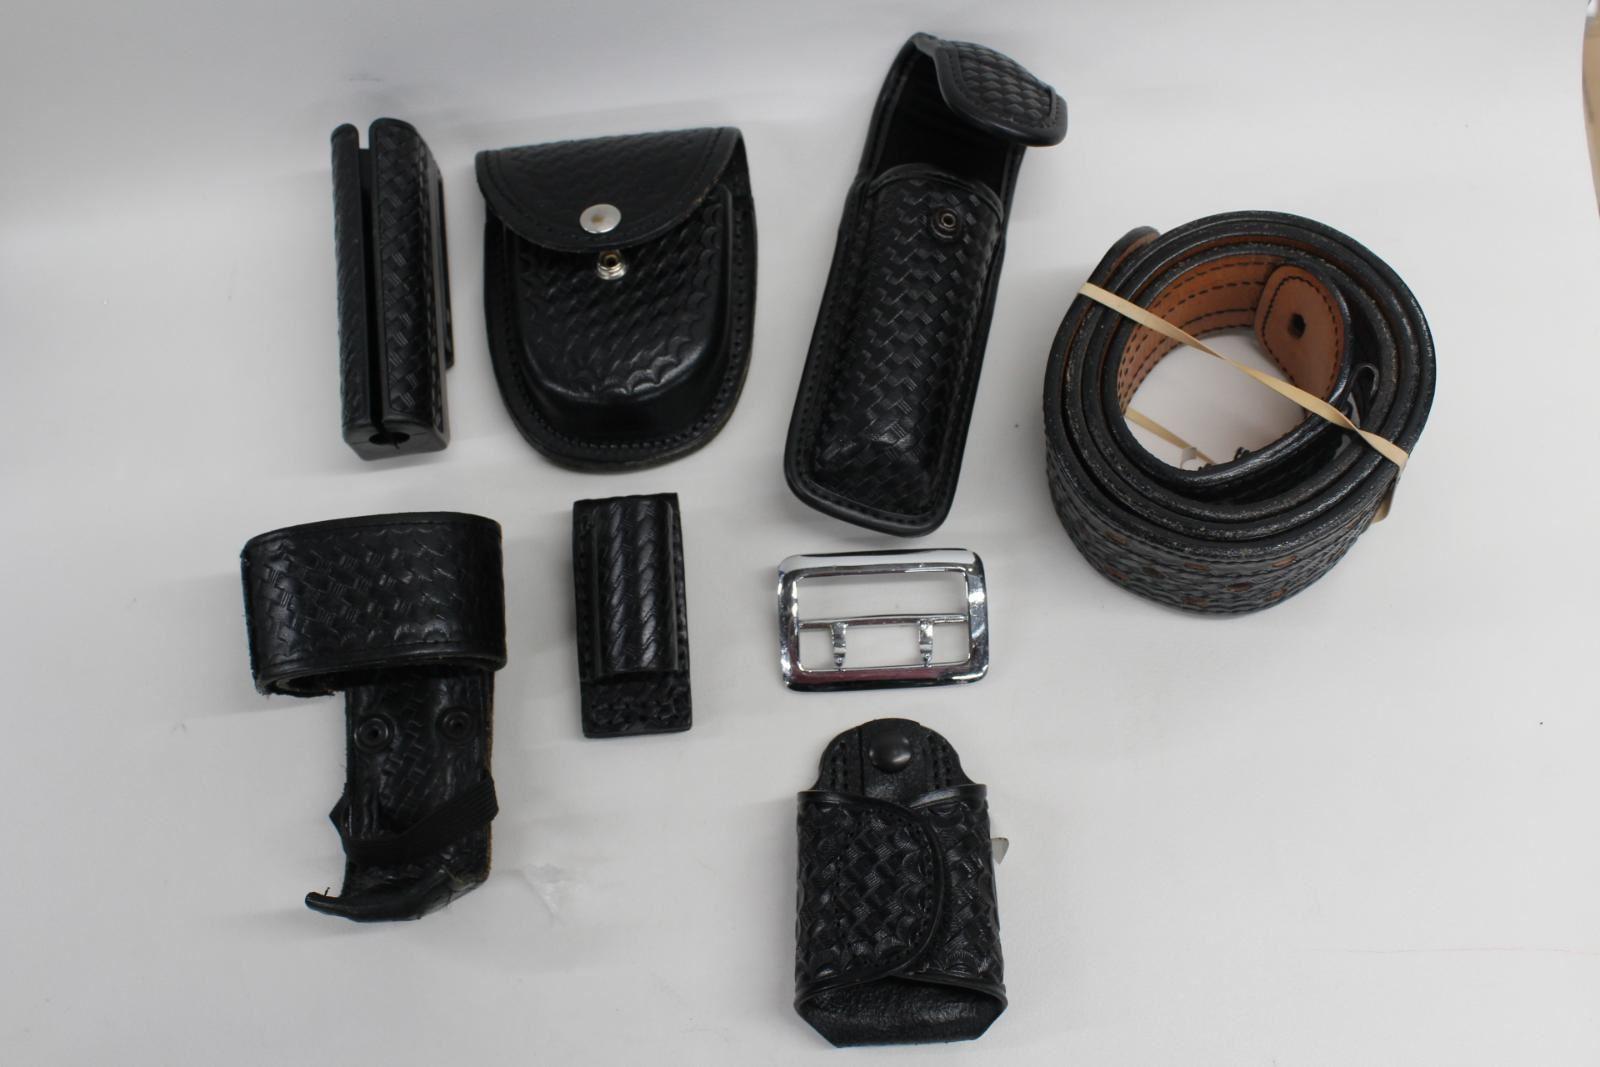 Duty Ceinture Police Sécurité Cuir Set Avec Laiton Argent Boucle 6 Pièces Jointes-afficher Le Titre D'origine